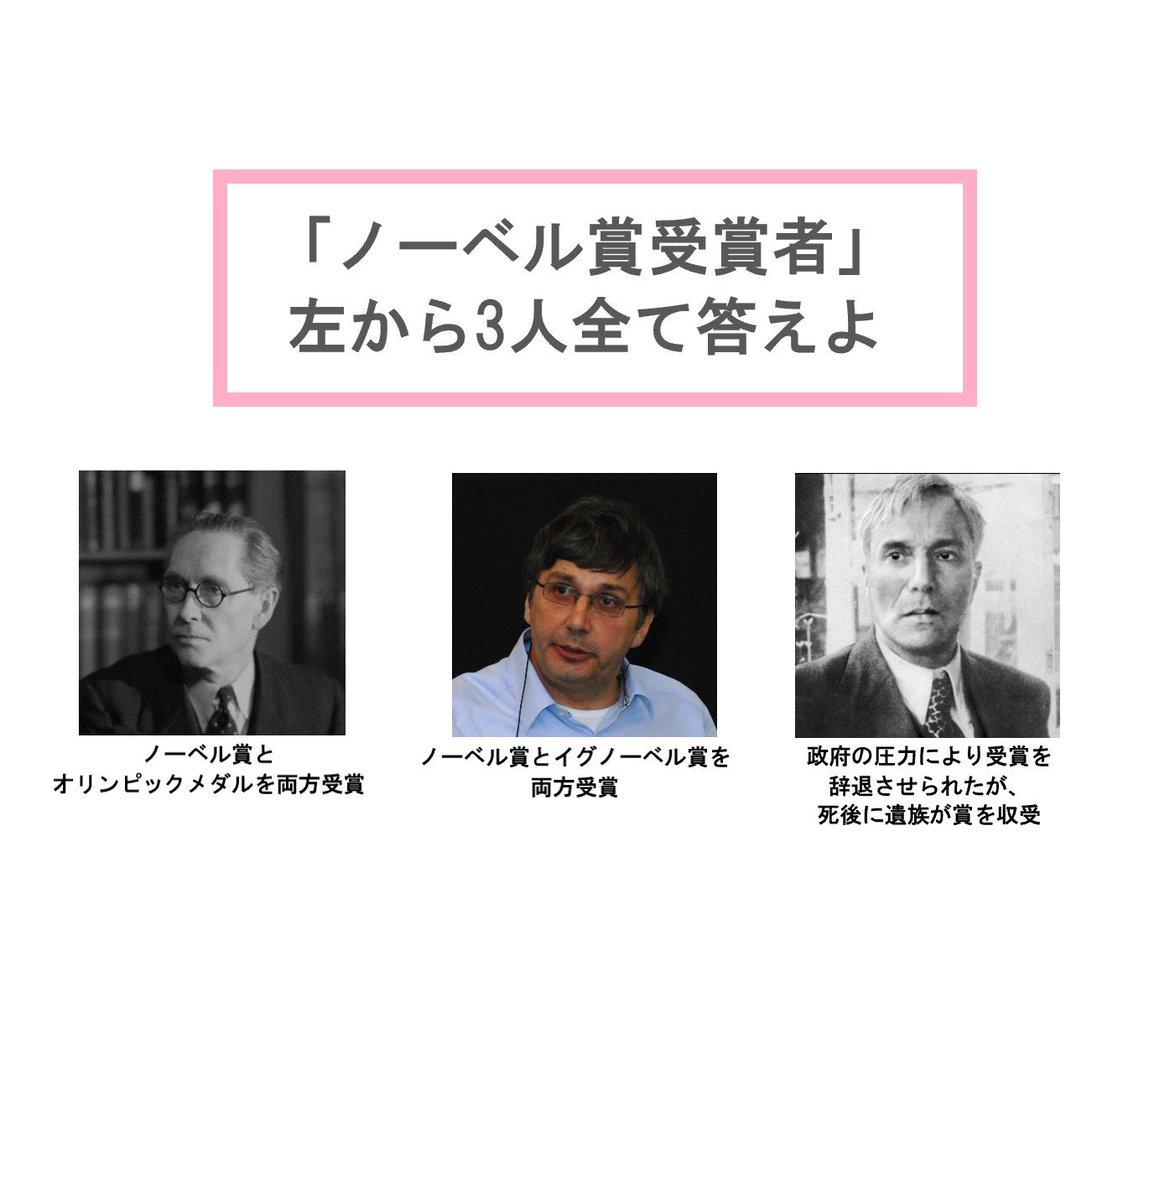 """カズレーザー on Twitter: """"【本..."""